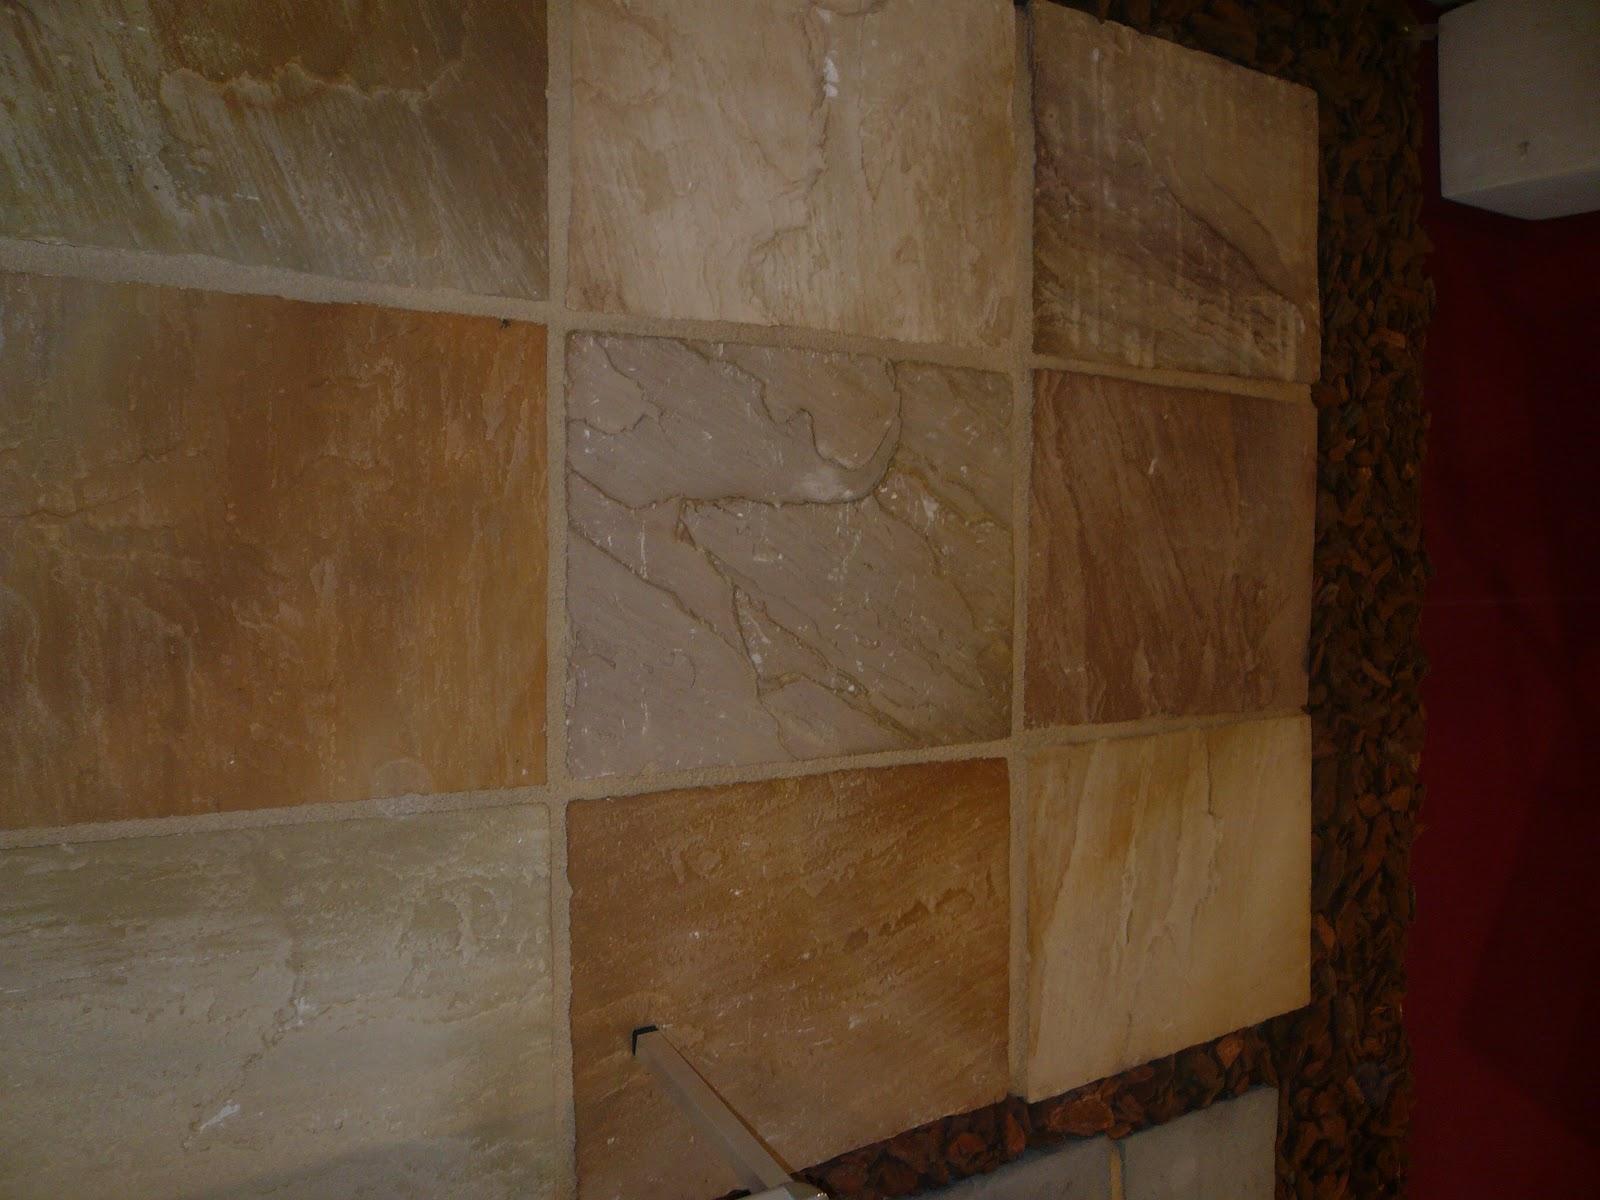 Rowlands piedra natural muros y pavimentos - Colocar piedra natural ...